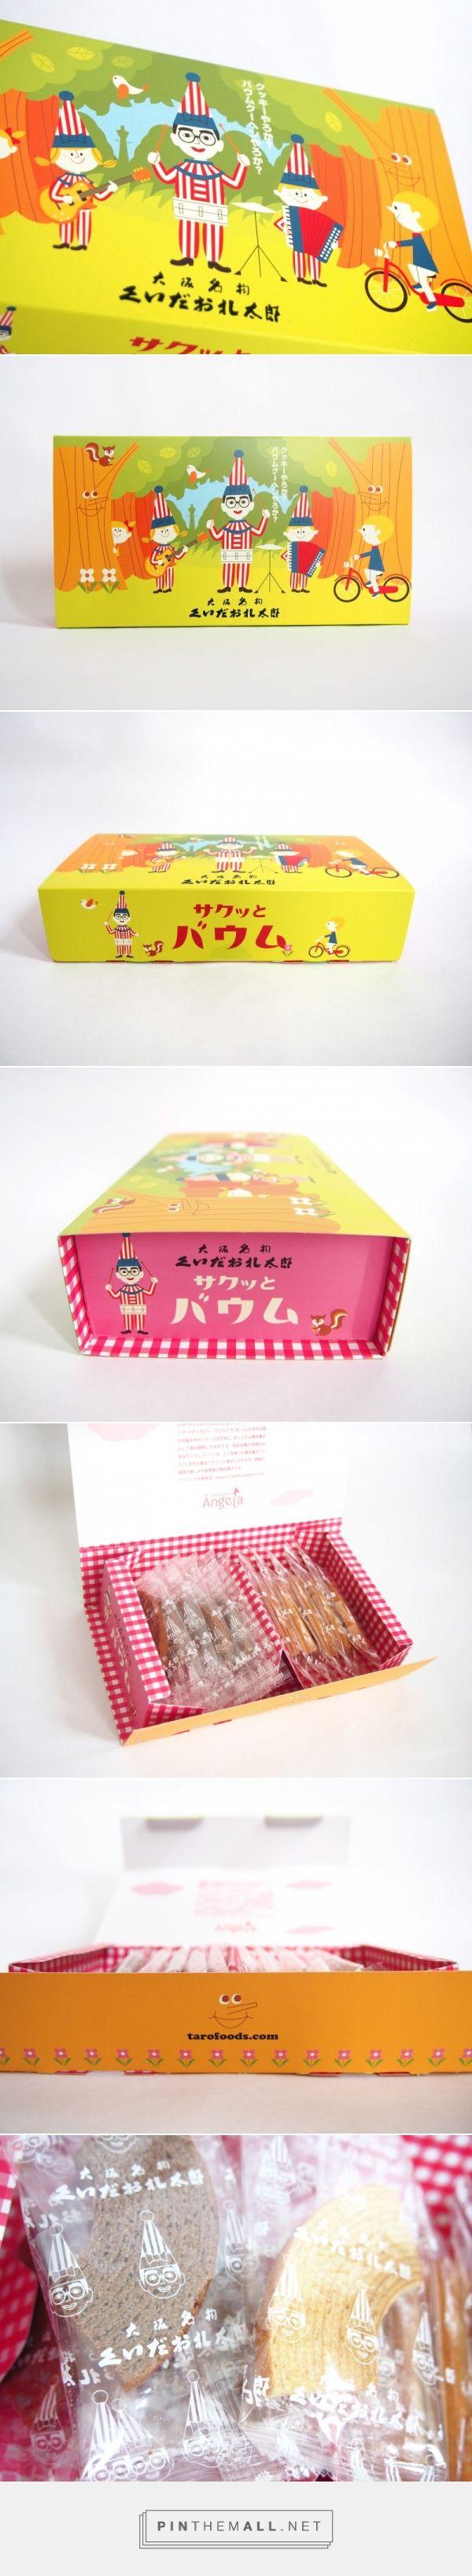 大阪のおみやげに。太郎フーズの「くいだおれ太郎のサクッとバウム」  –  KAWACOLLE かわいいデザインのコレクションサイト curated by Packaging Diva PD. Looks like cute snacks or cookie packaging from TaroFoods.